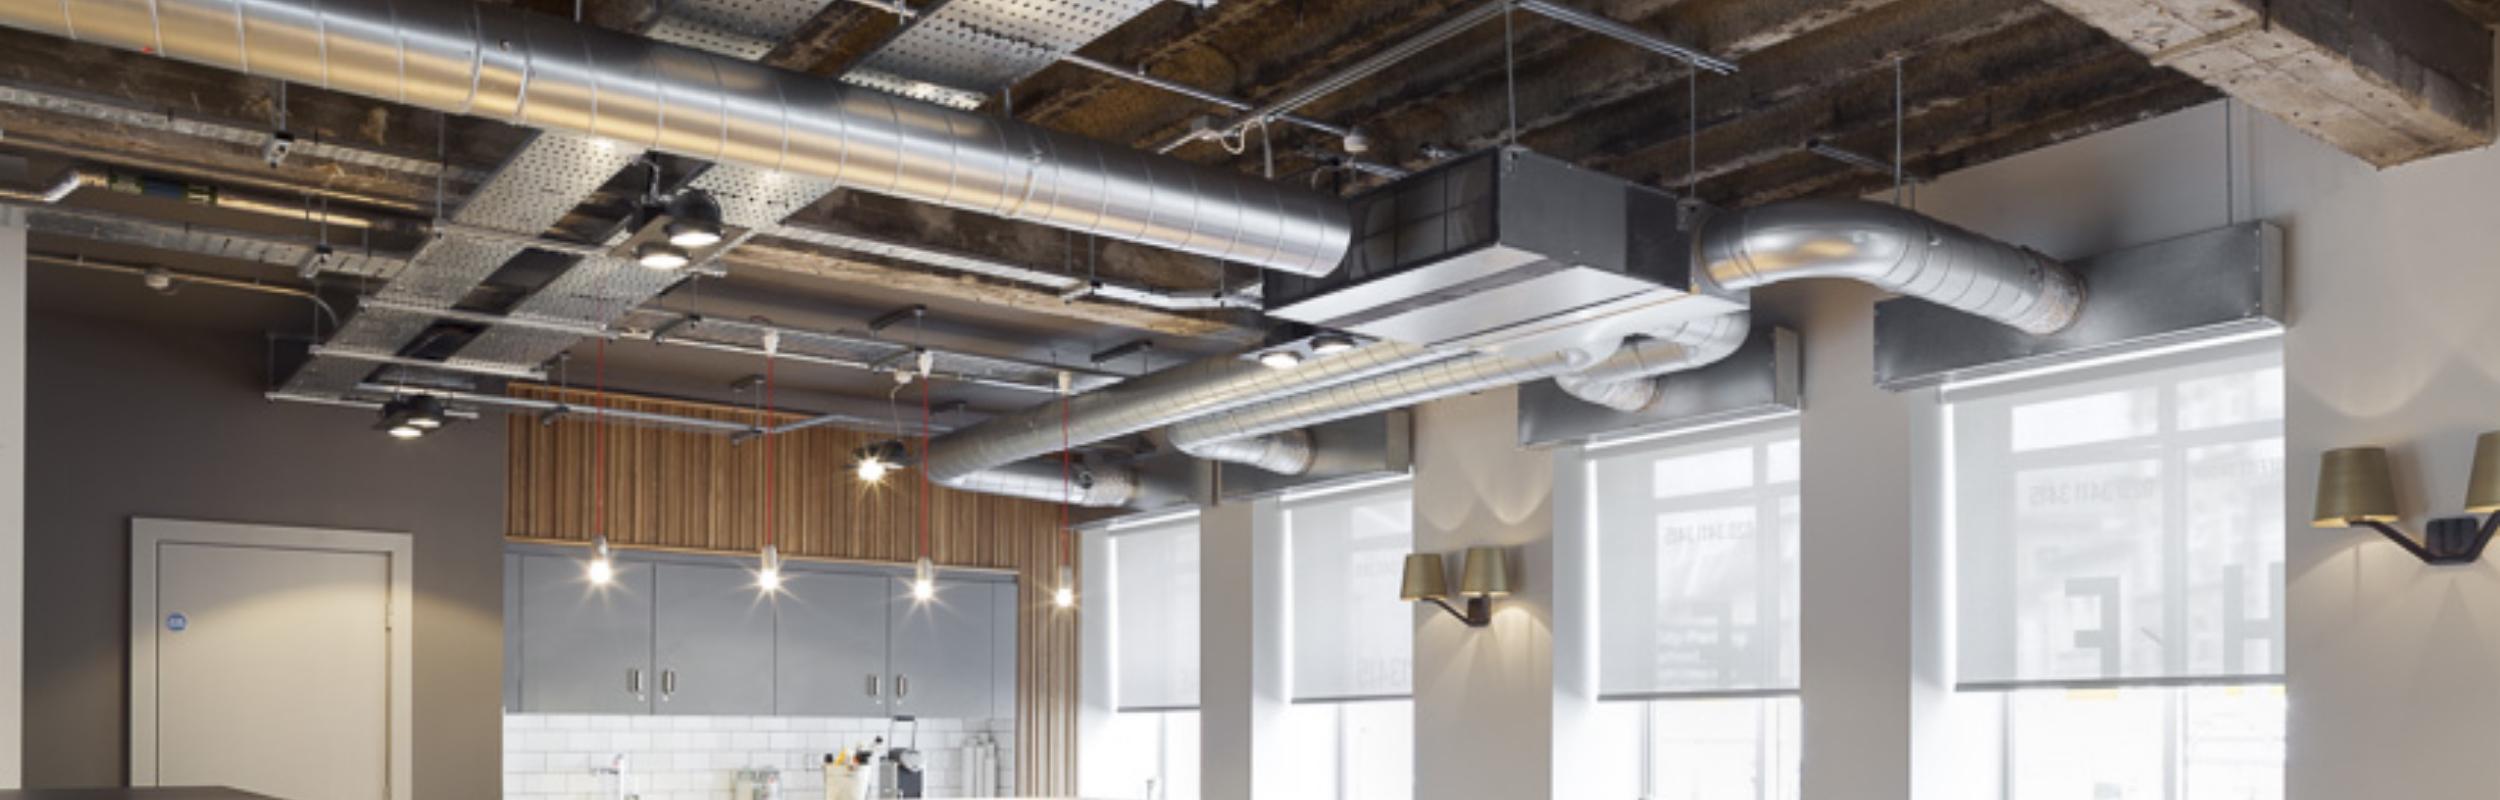 Matt_Clayton_TOG470_Architecture_0001_TOG-Leeds_Office-interior.jpg